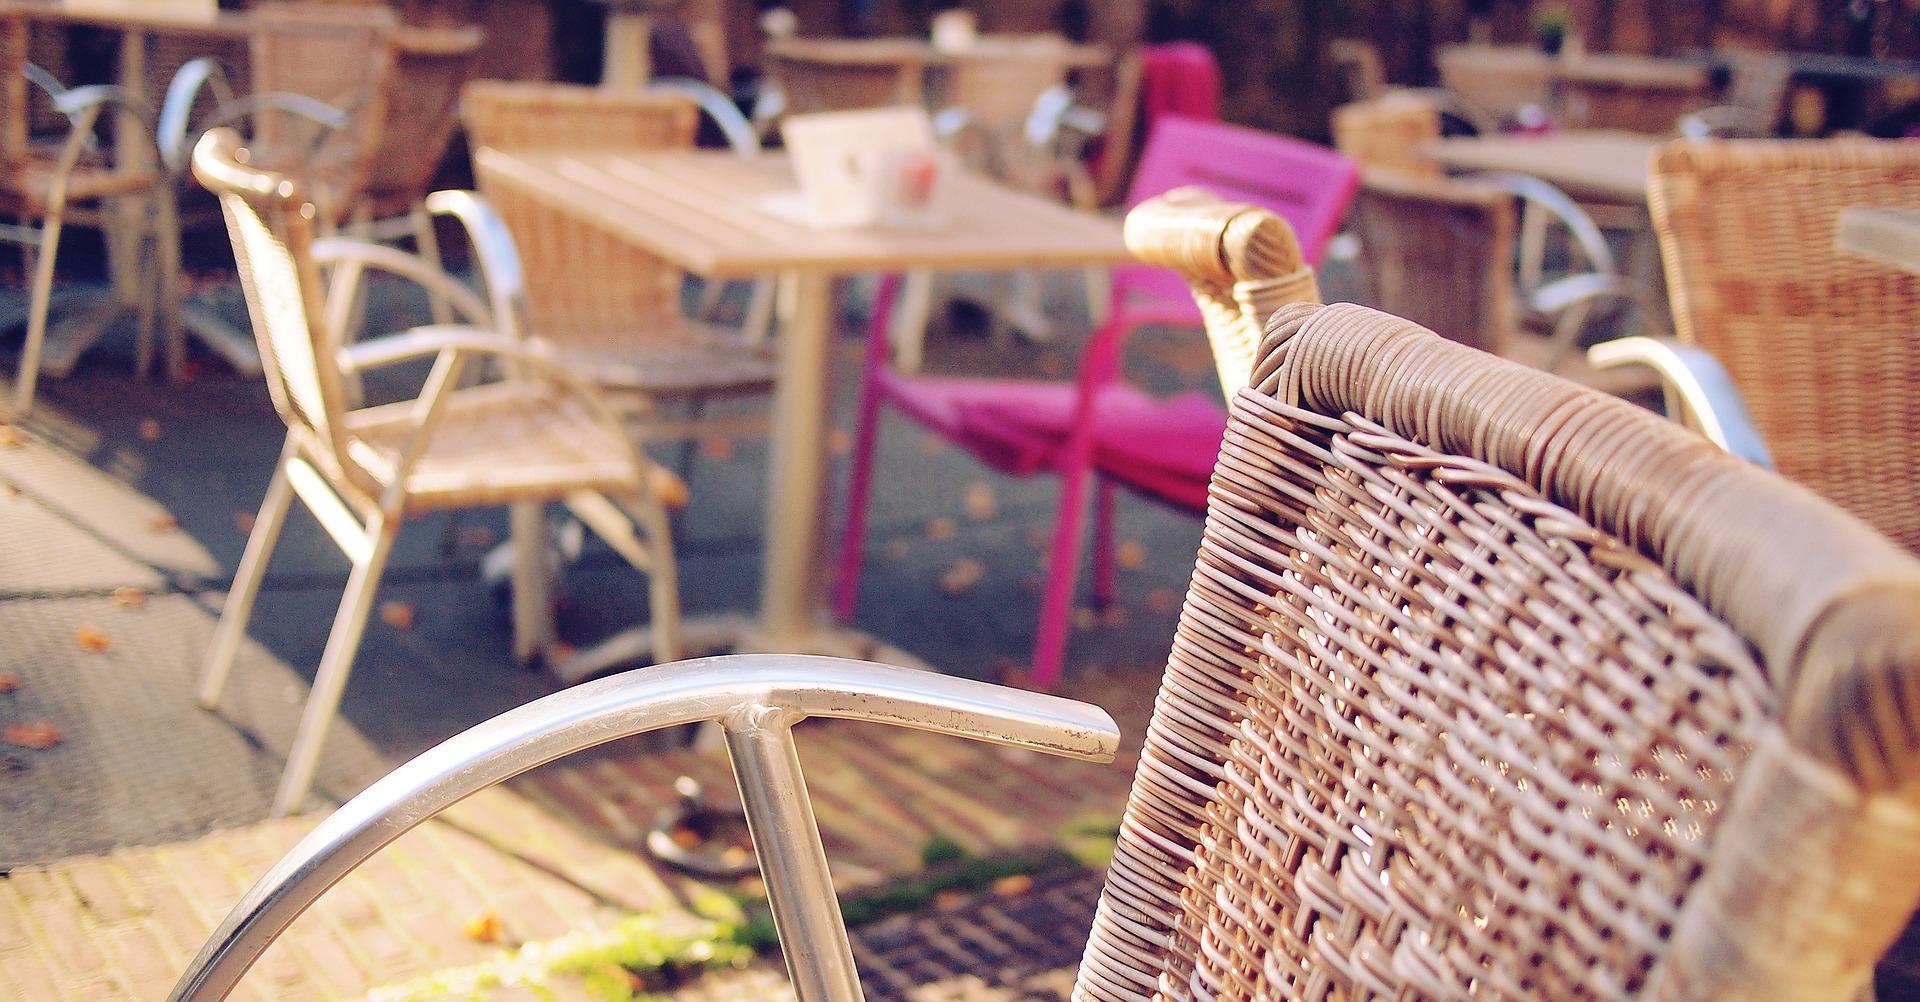 Comer en terraza es una opción perfecta para degustar santa cruz de tenerife